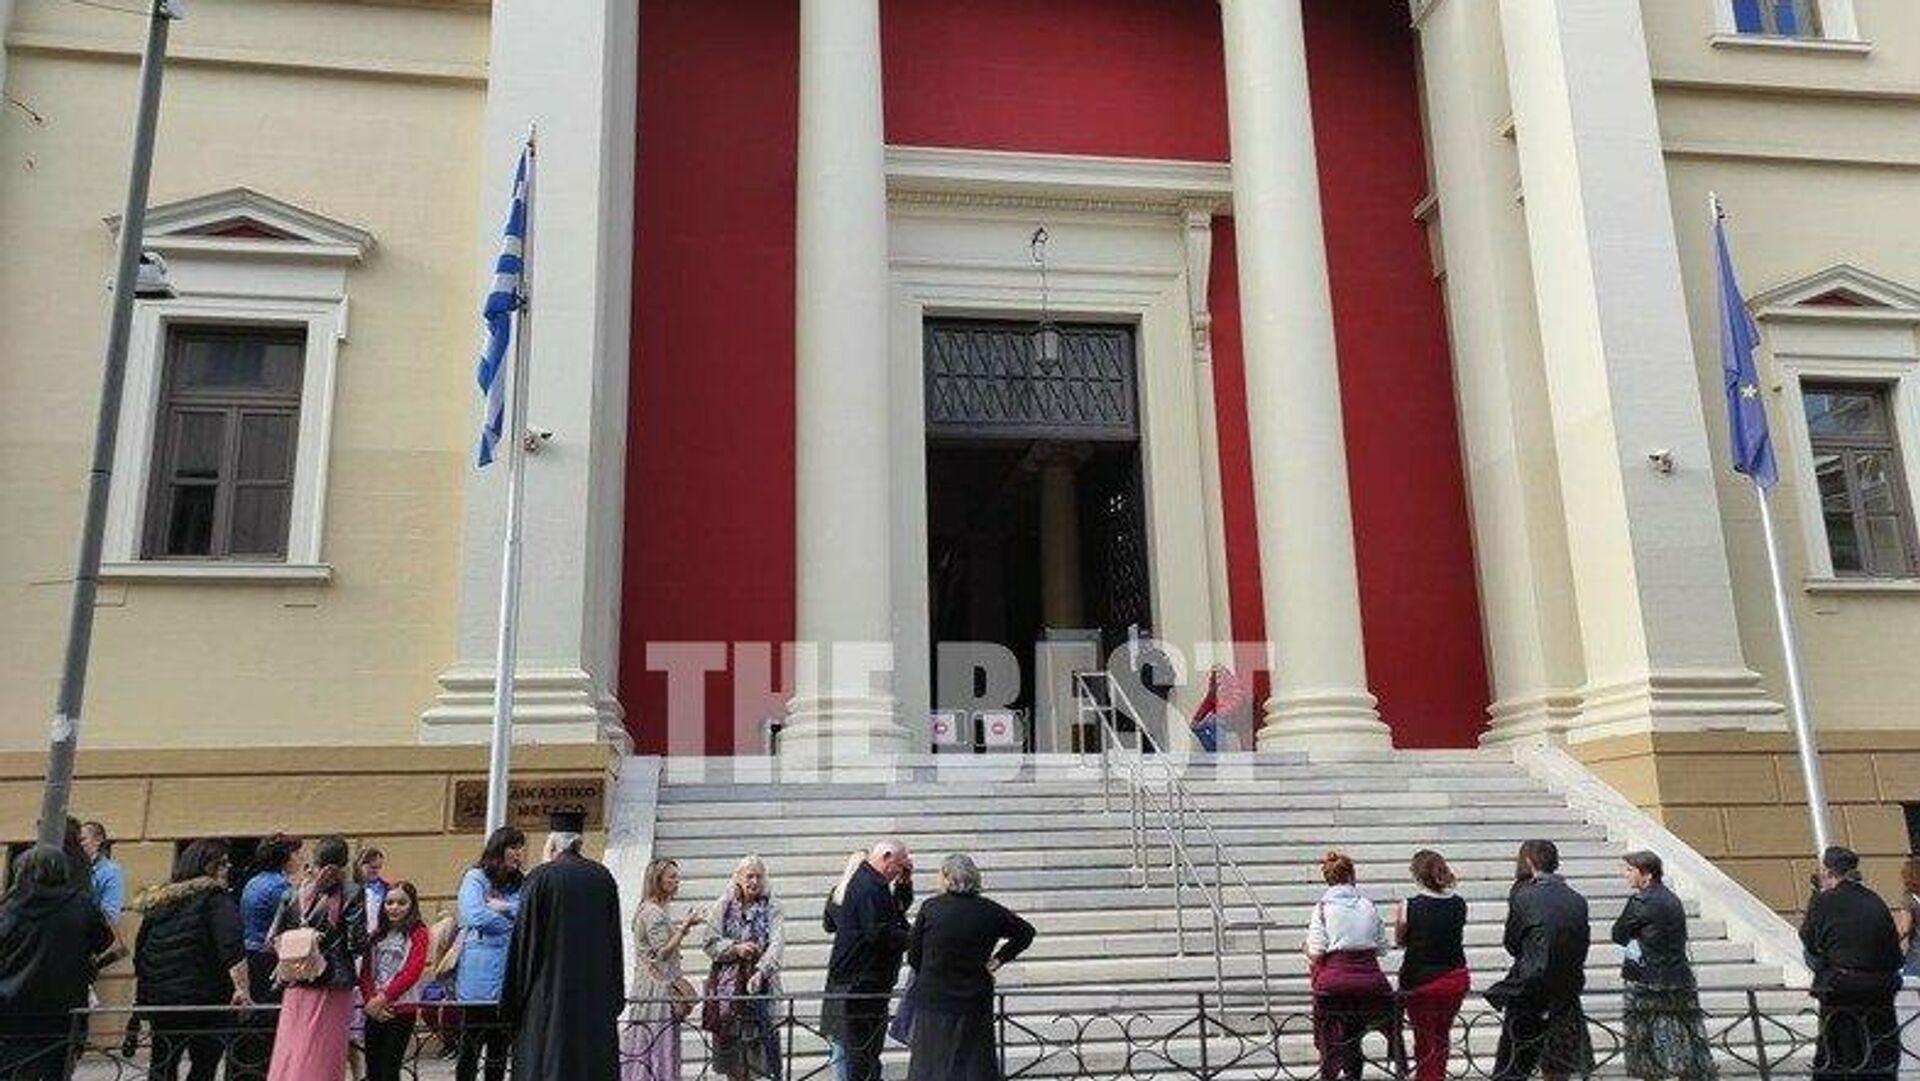 Πάτρα: Σε δίκη ιερέας γιατί λειτούργησε εκκλησία εν μέσω καραντίνας - Sputnik Ελλάδα, 1920, 11.10.2021